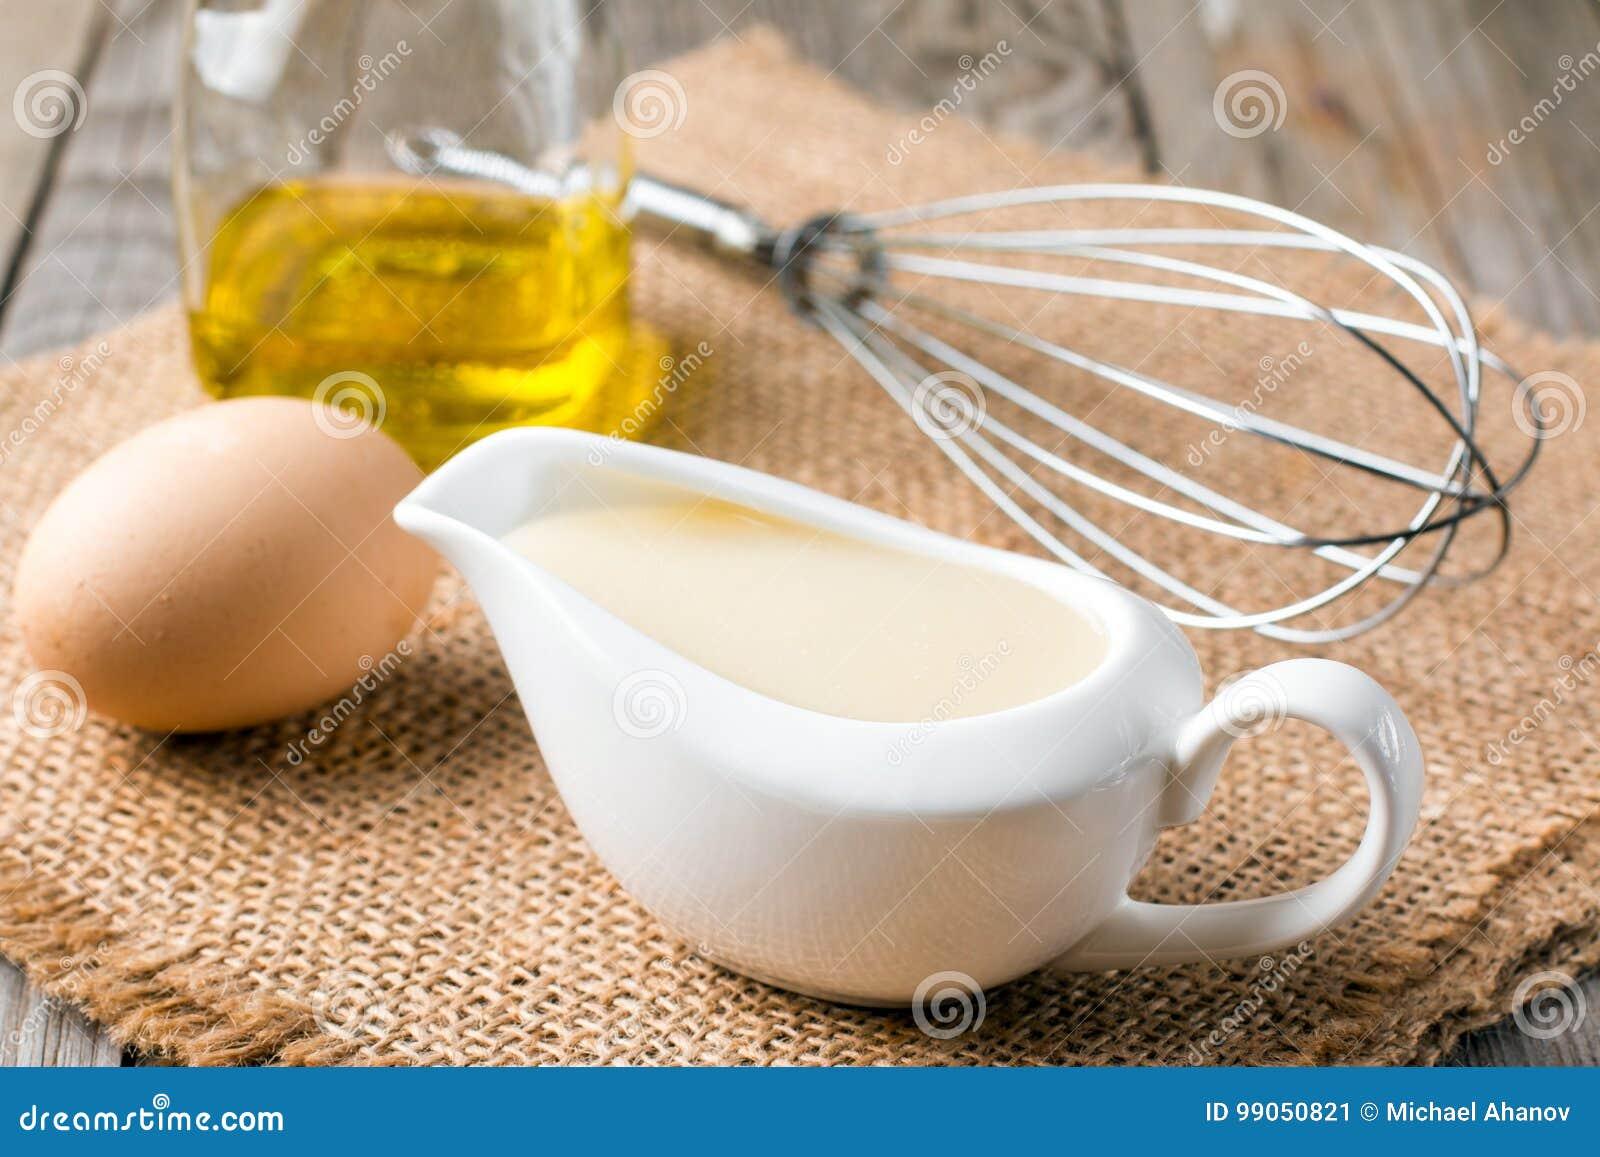 Свежие домодельные майонез белого соуса и яичка ингридиентов, оливковое масло лимона на деревянной предпосылке